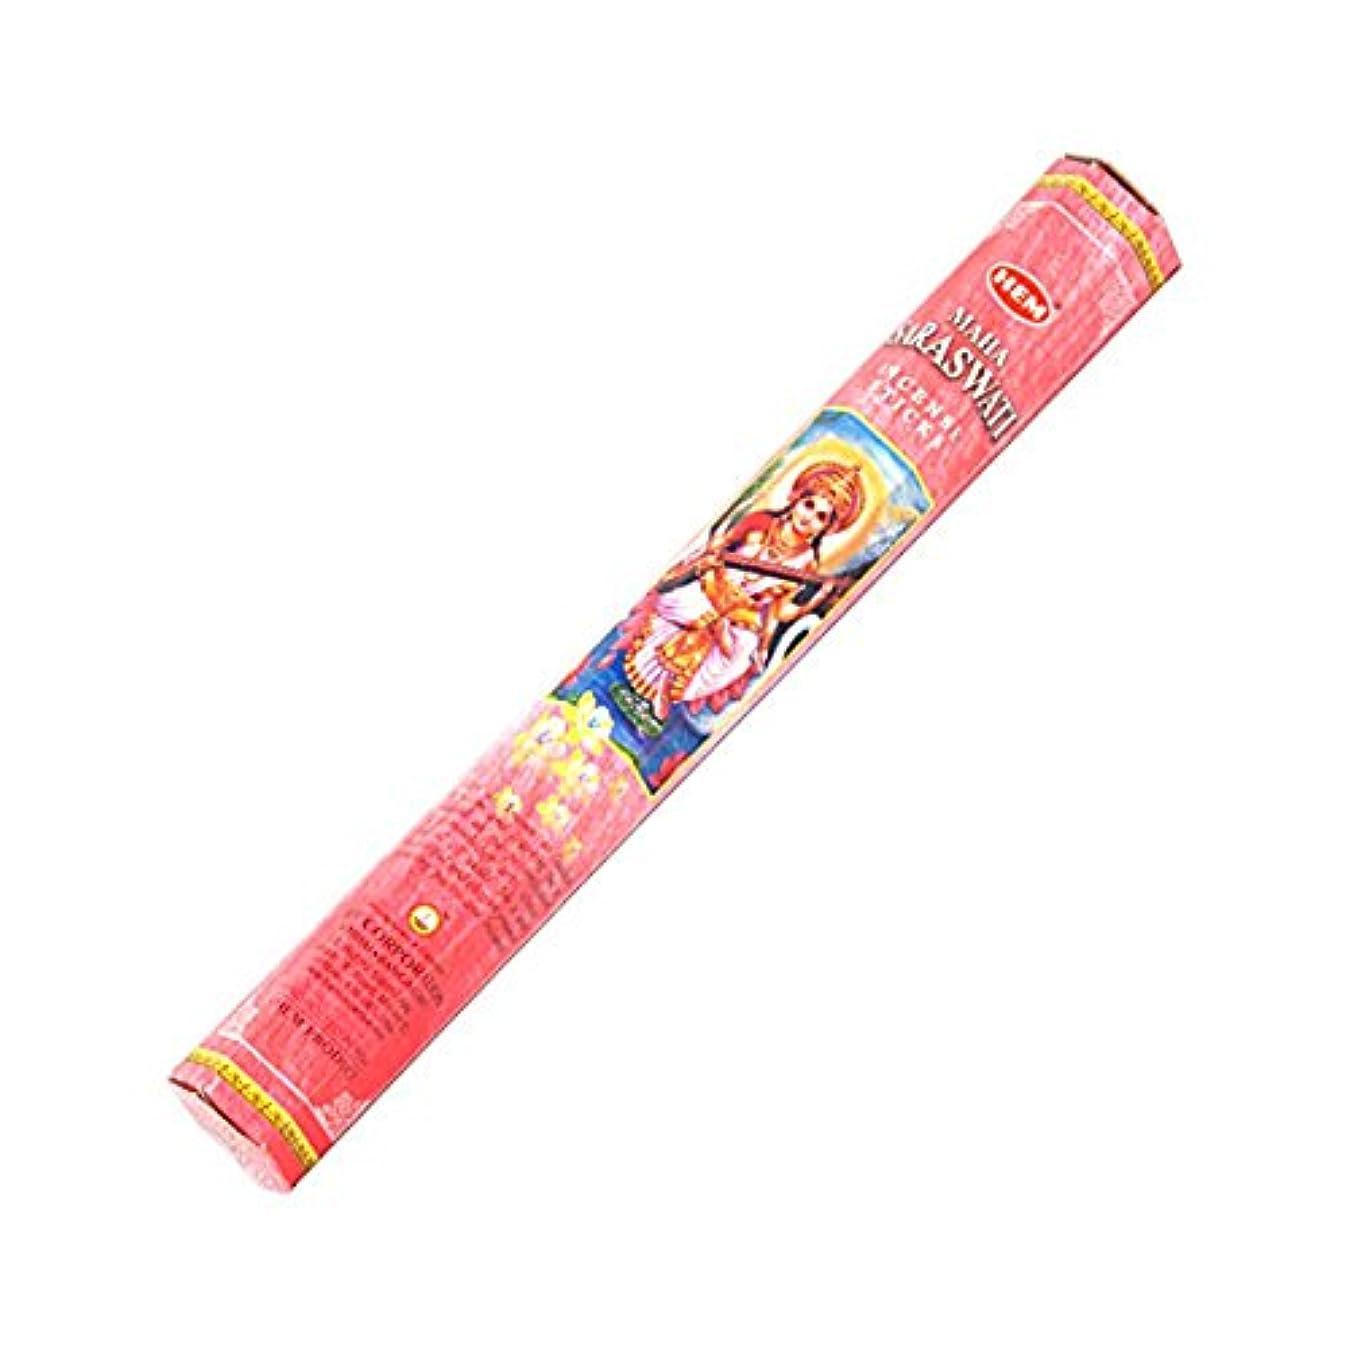 ビリーヤギ上流のHEM(ヘム) サラスワティ SARASWATI スティックタイプ お香 1筒 単品 [並行輸入品]